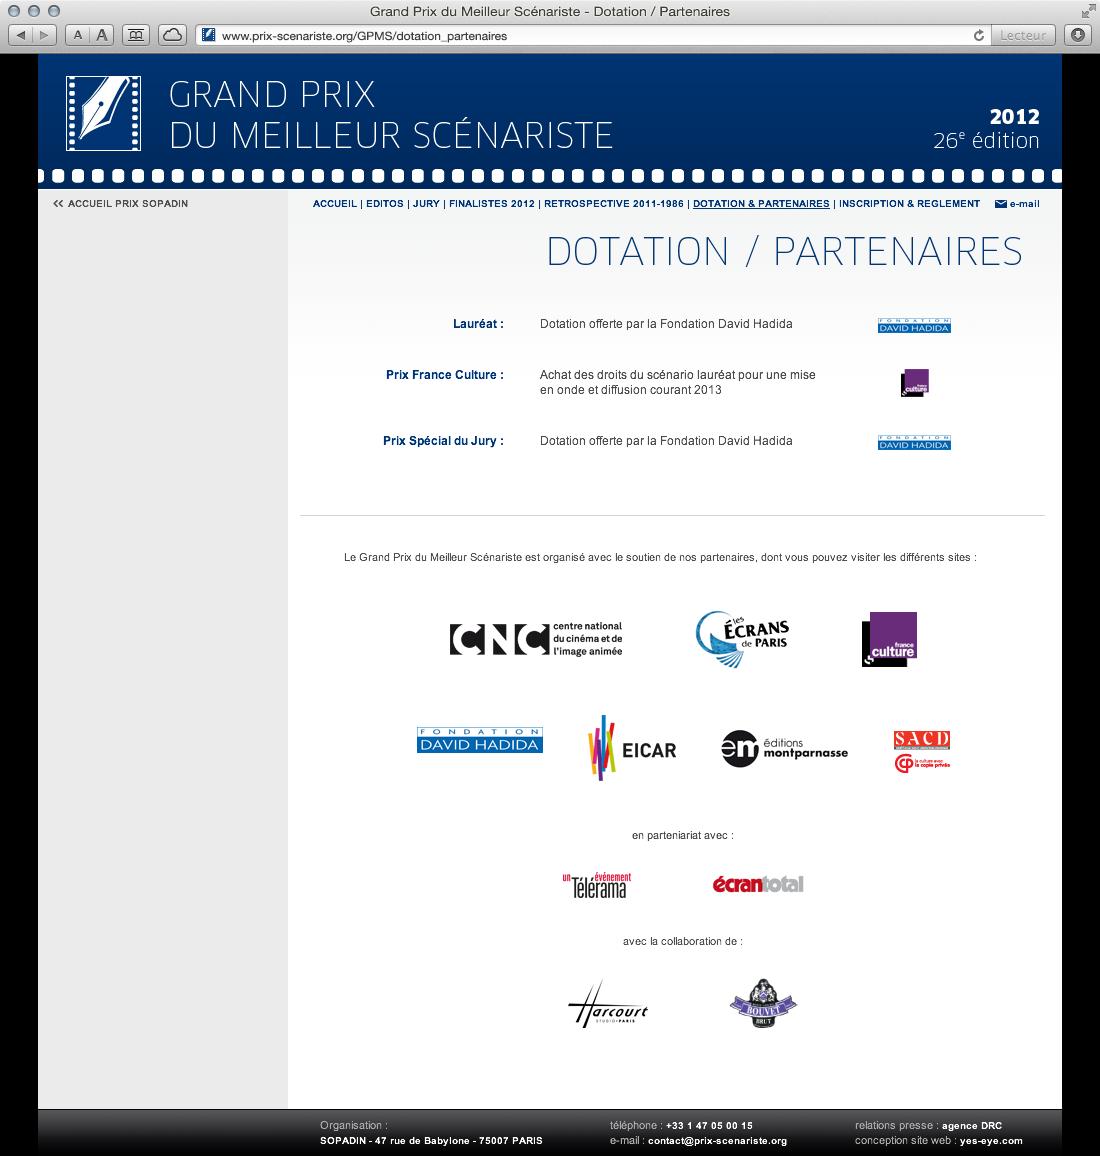 Sopadin - site web 6 GPMS dotation partenaires